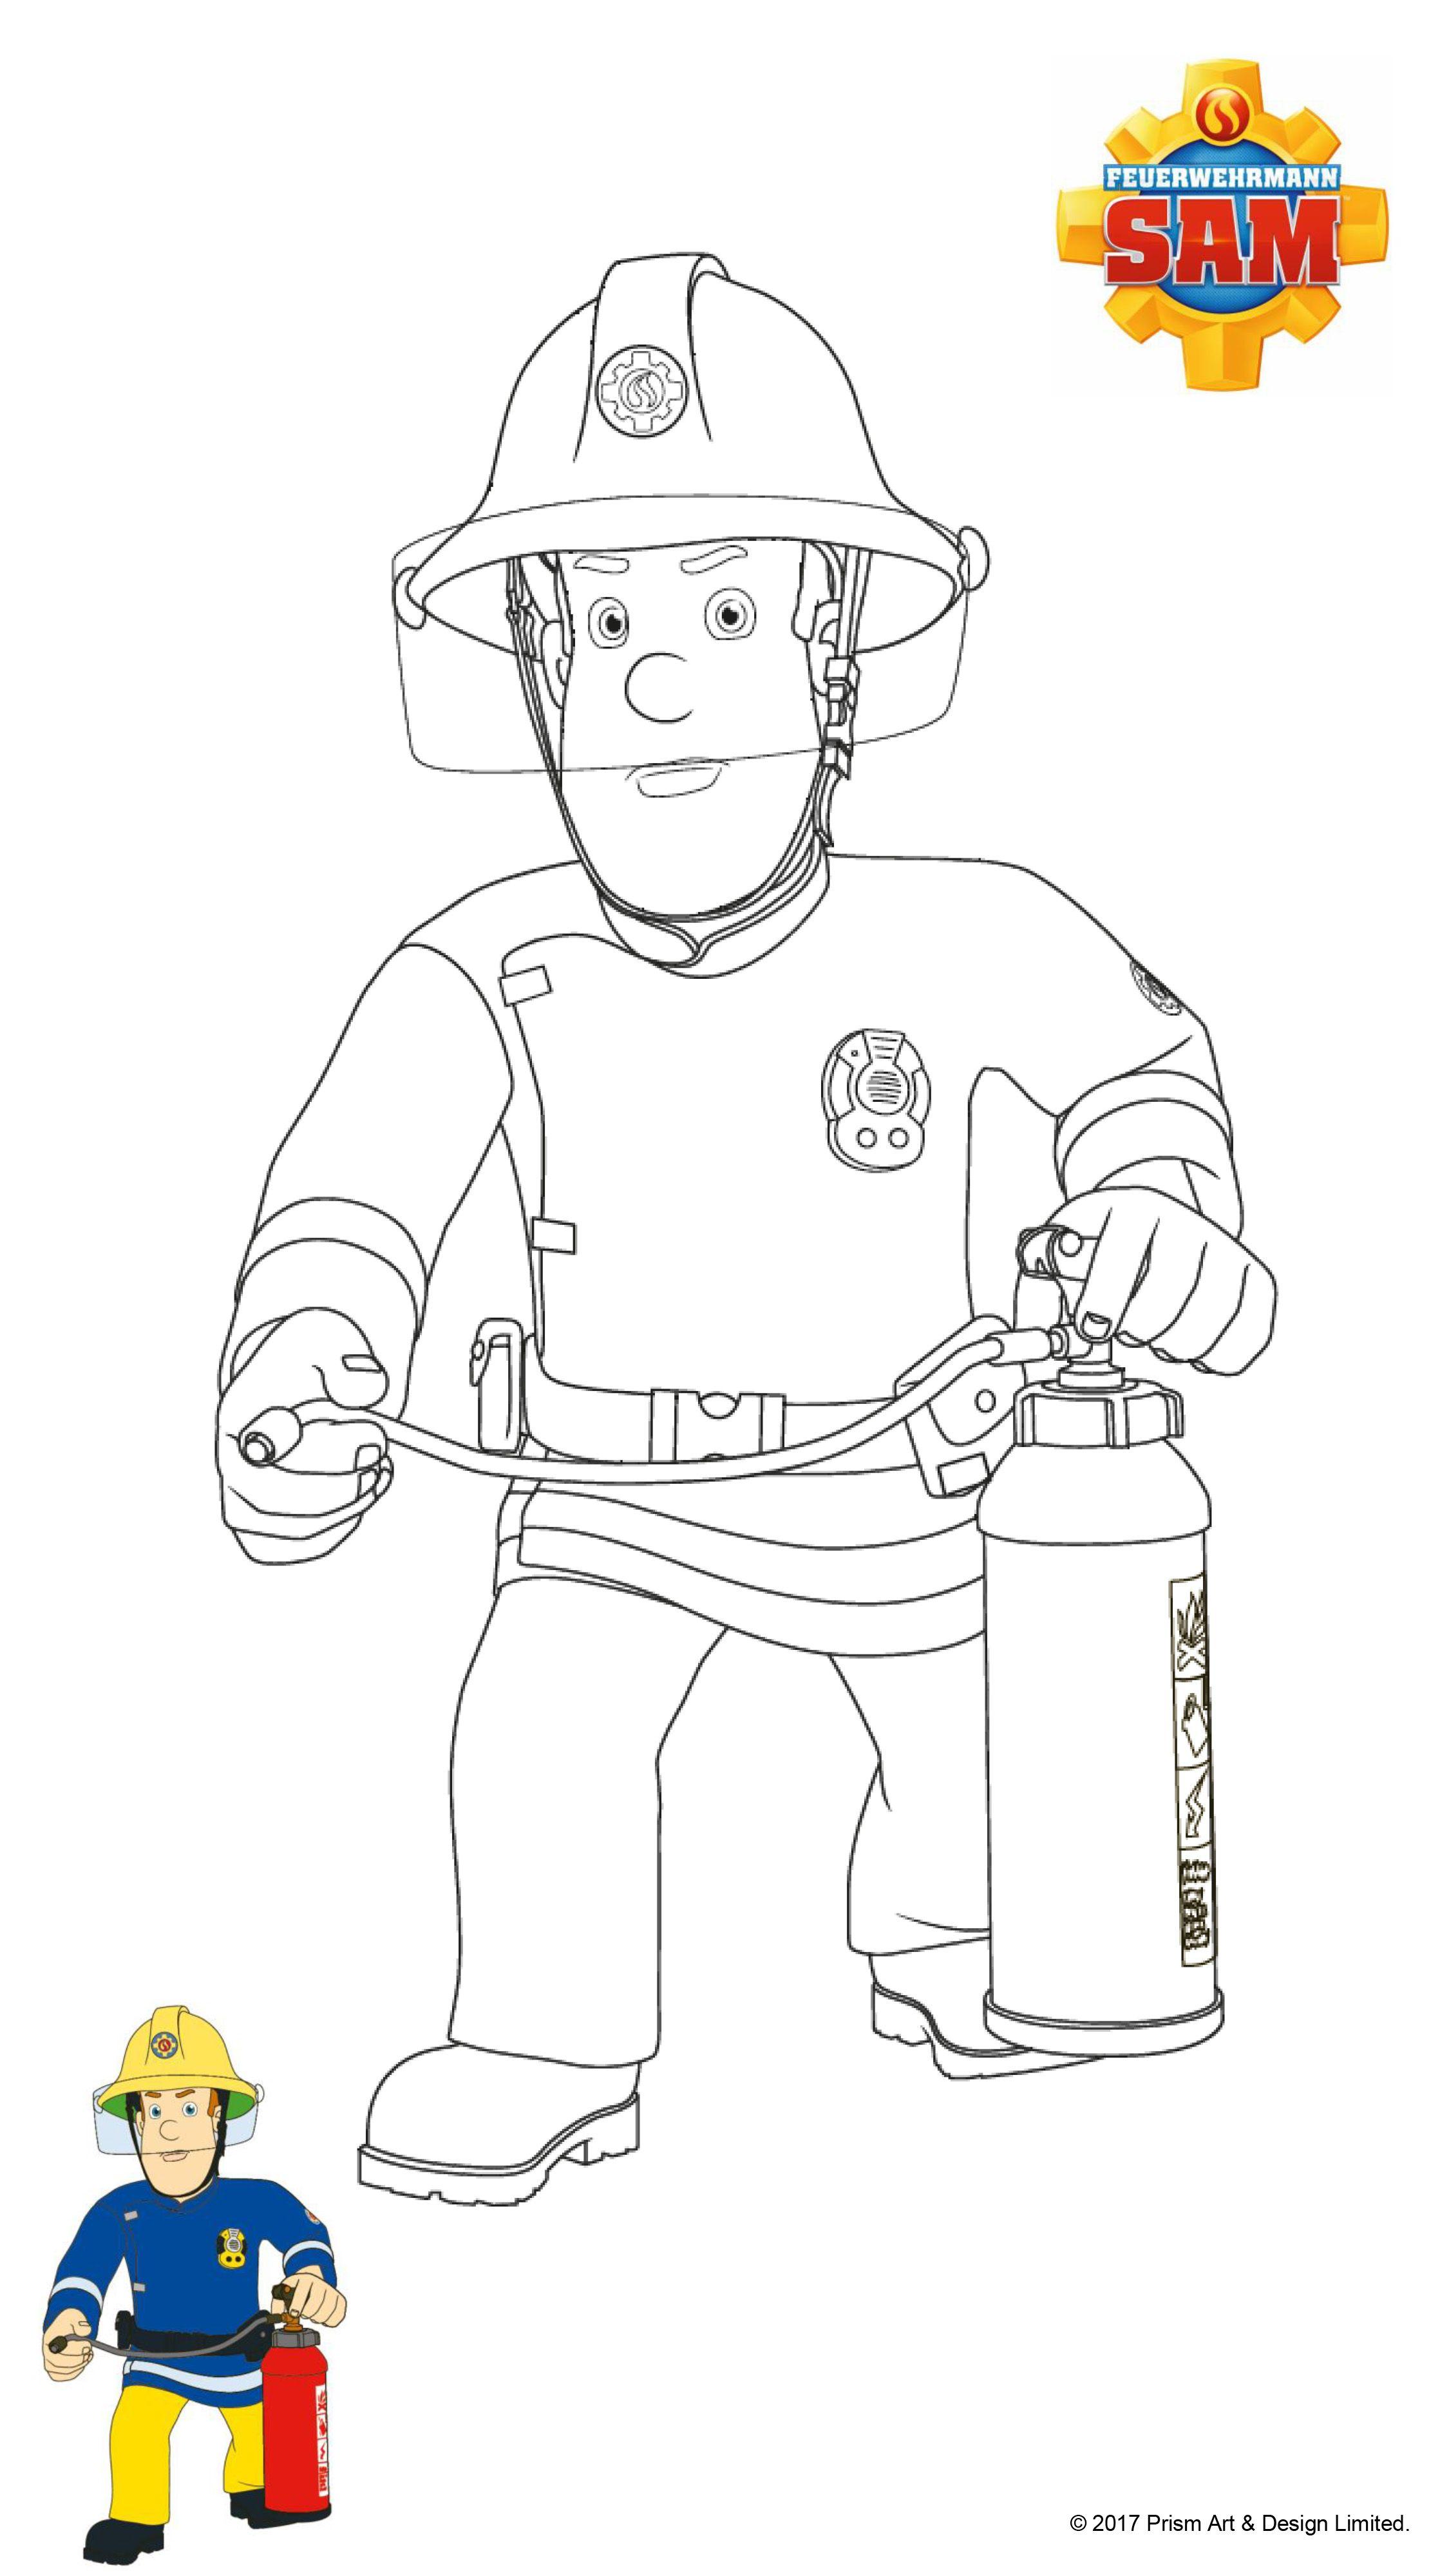 Feuerwehrmann Sam Ausmalbilder  myToys Blog  Ausmalbilder